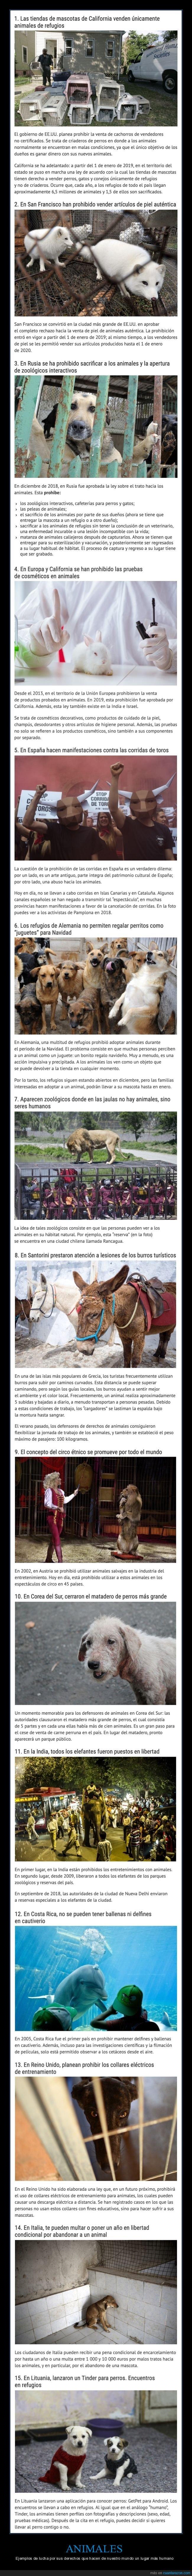 animales,derechos